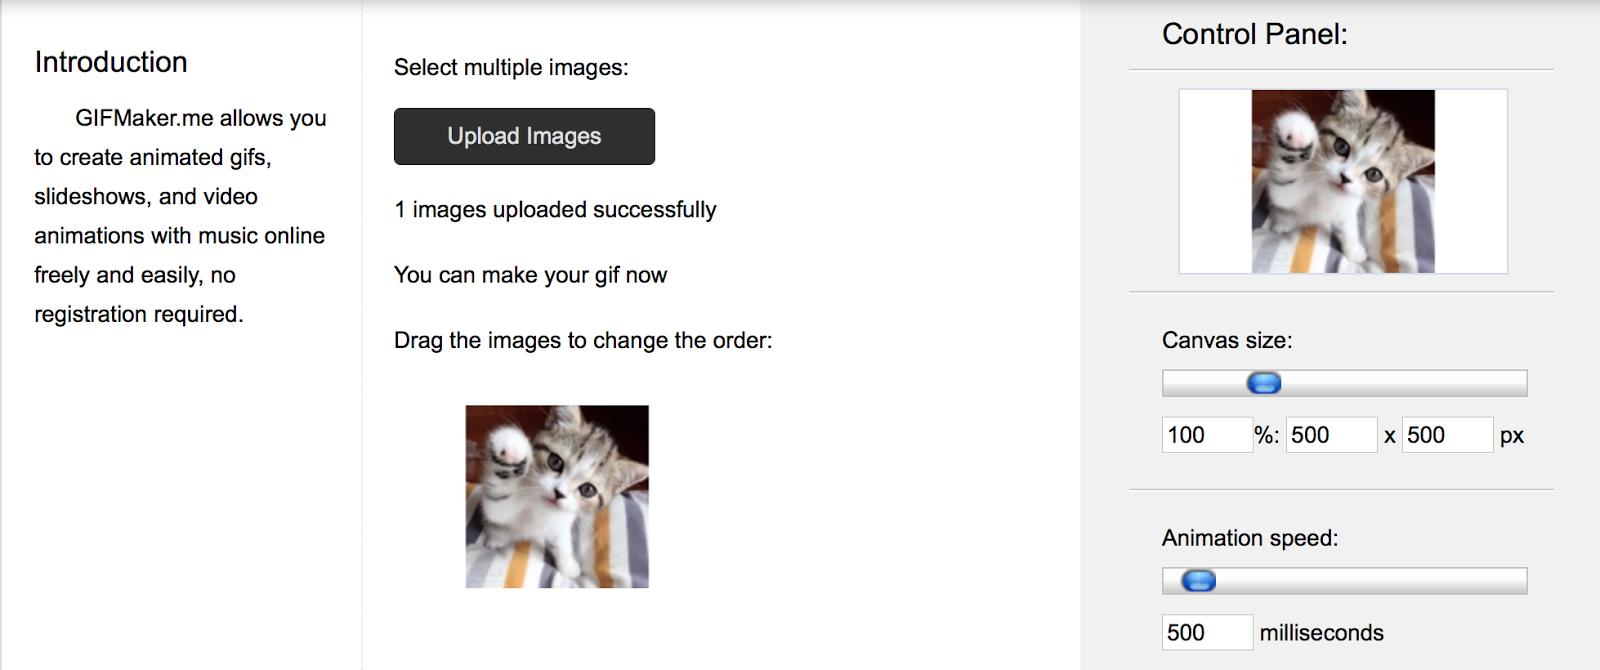 27 бесплатных сервисов для создания визуального контента без дизайнера - 23